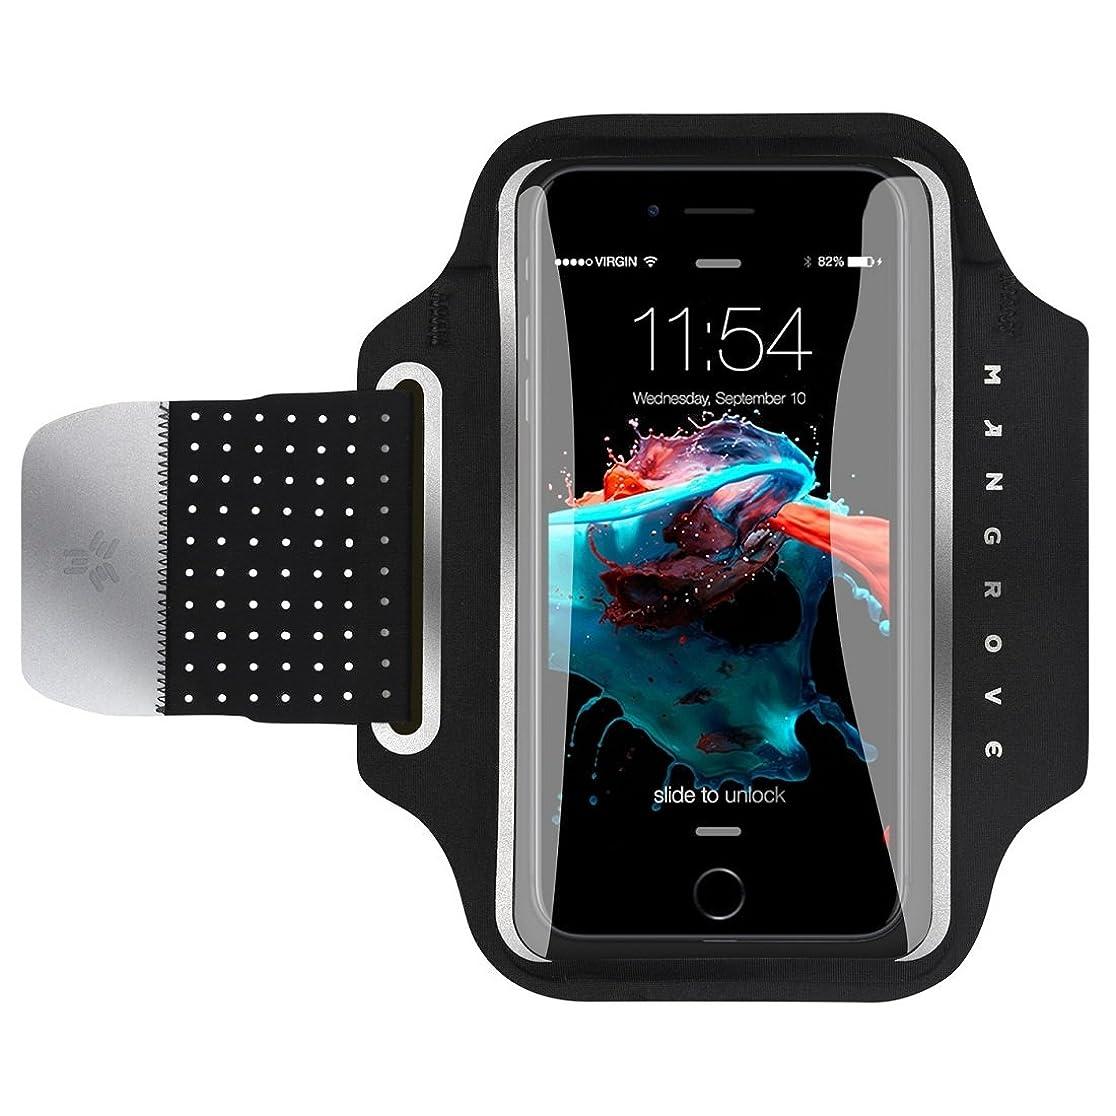 現代平和的統治可能ランニング アームバンド スポーツ アーム バンド 通気性抜群 小物収納 防水防汗 MANGROVE スマホ ケース 薄型 軽量 縫い目なし 調節可能 男女共用 夜間反射材料 iPhone X/8/7/6s/6 Plus, Xperia, Galaxy, HUAWEI, AQUOS, Arrows, Android 等6インチ以下全機種対応 (6'', ブラック)